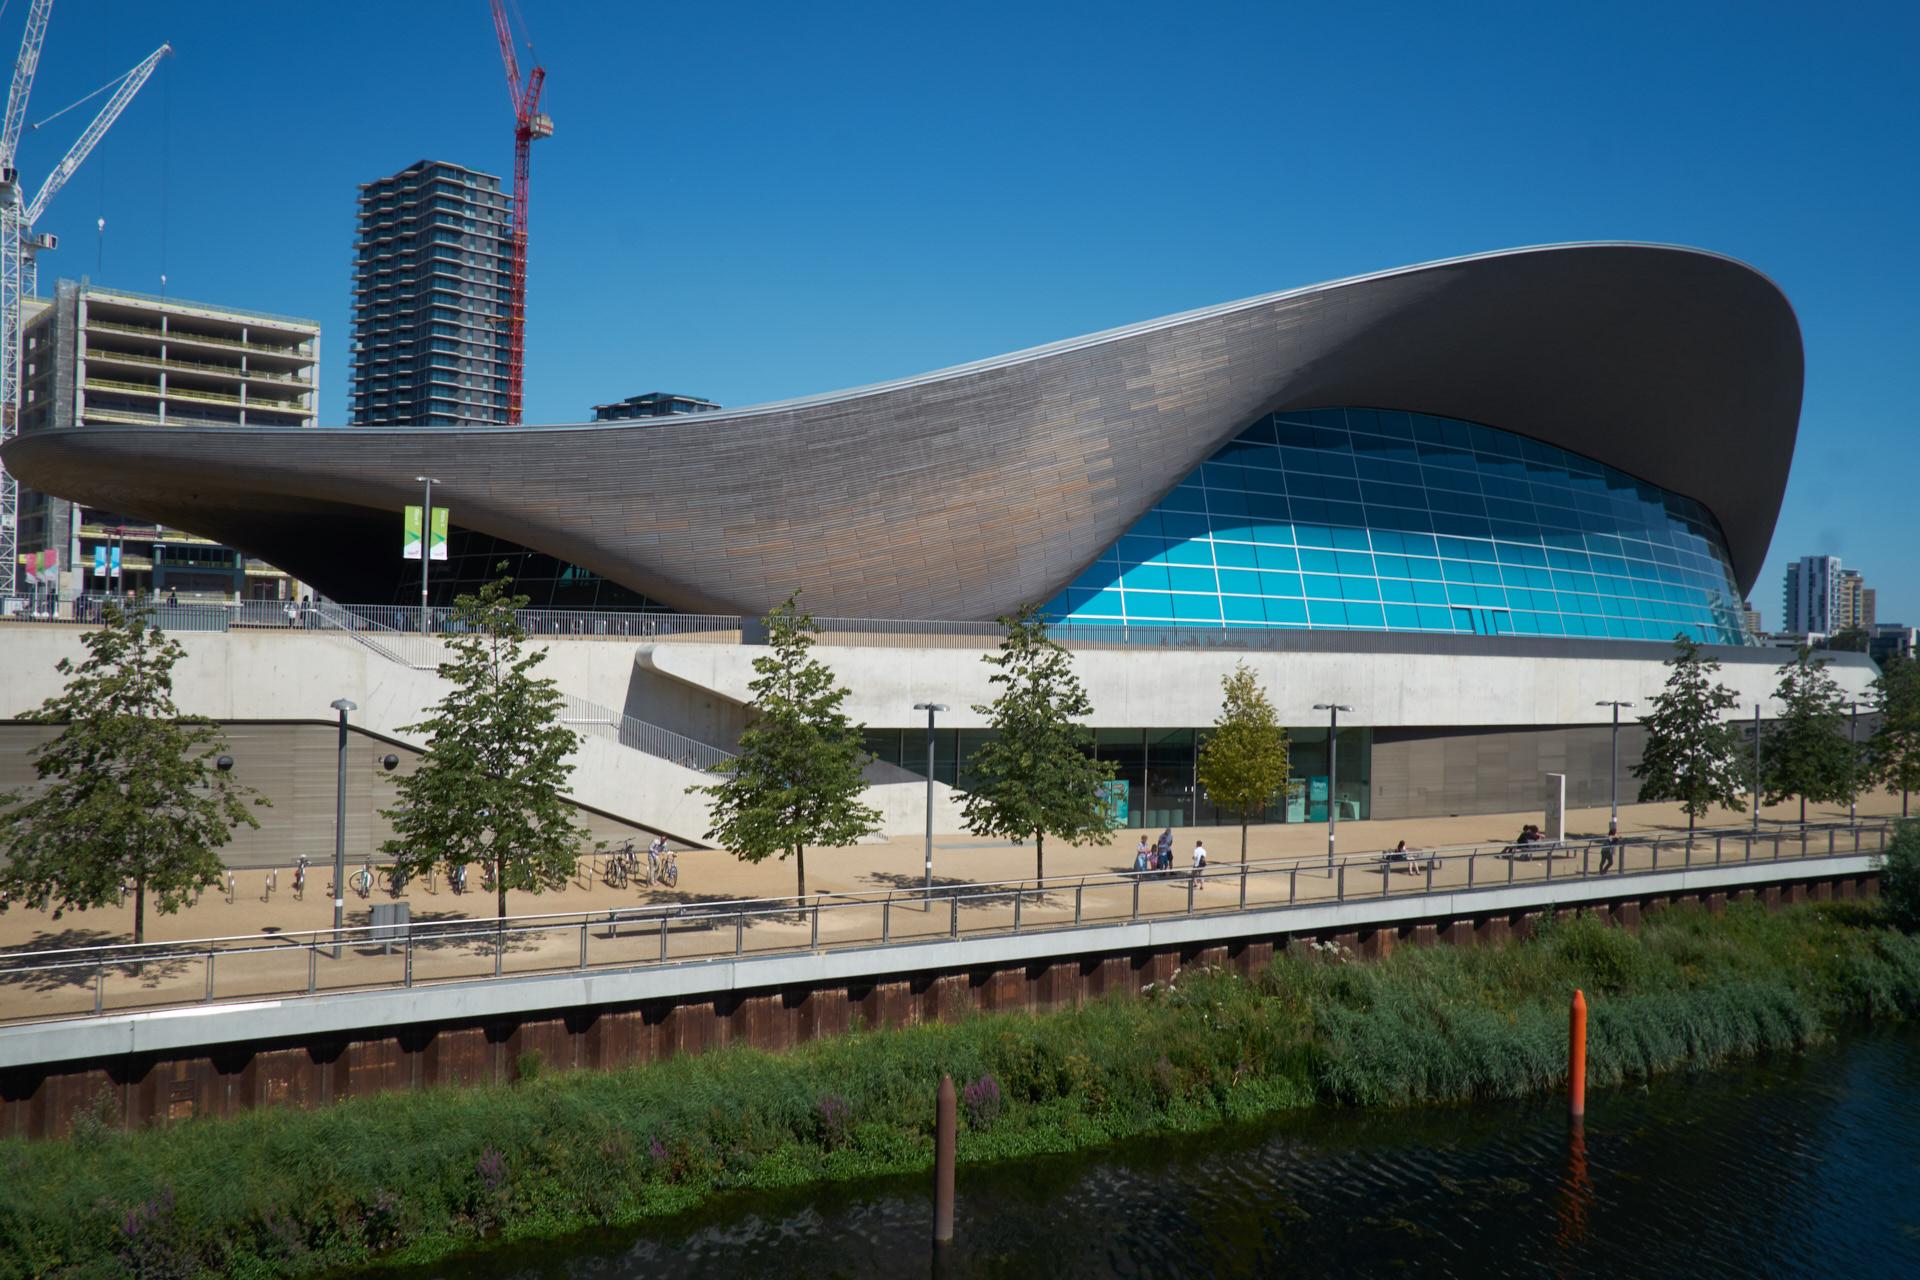 London Aquatics Centre, Zaha Hadid Architects, July 2016.